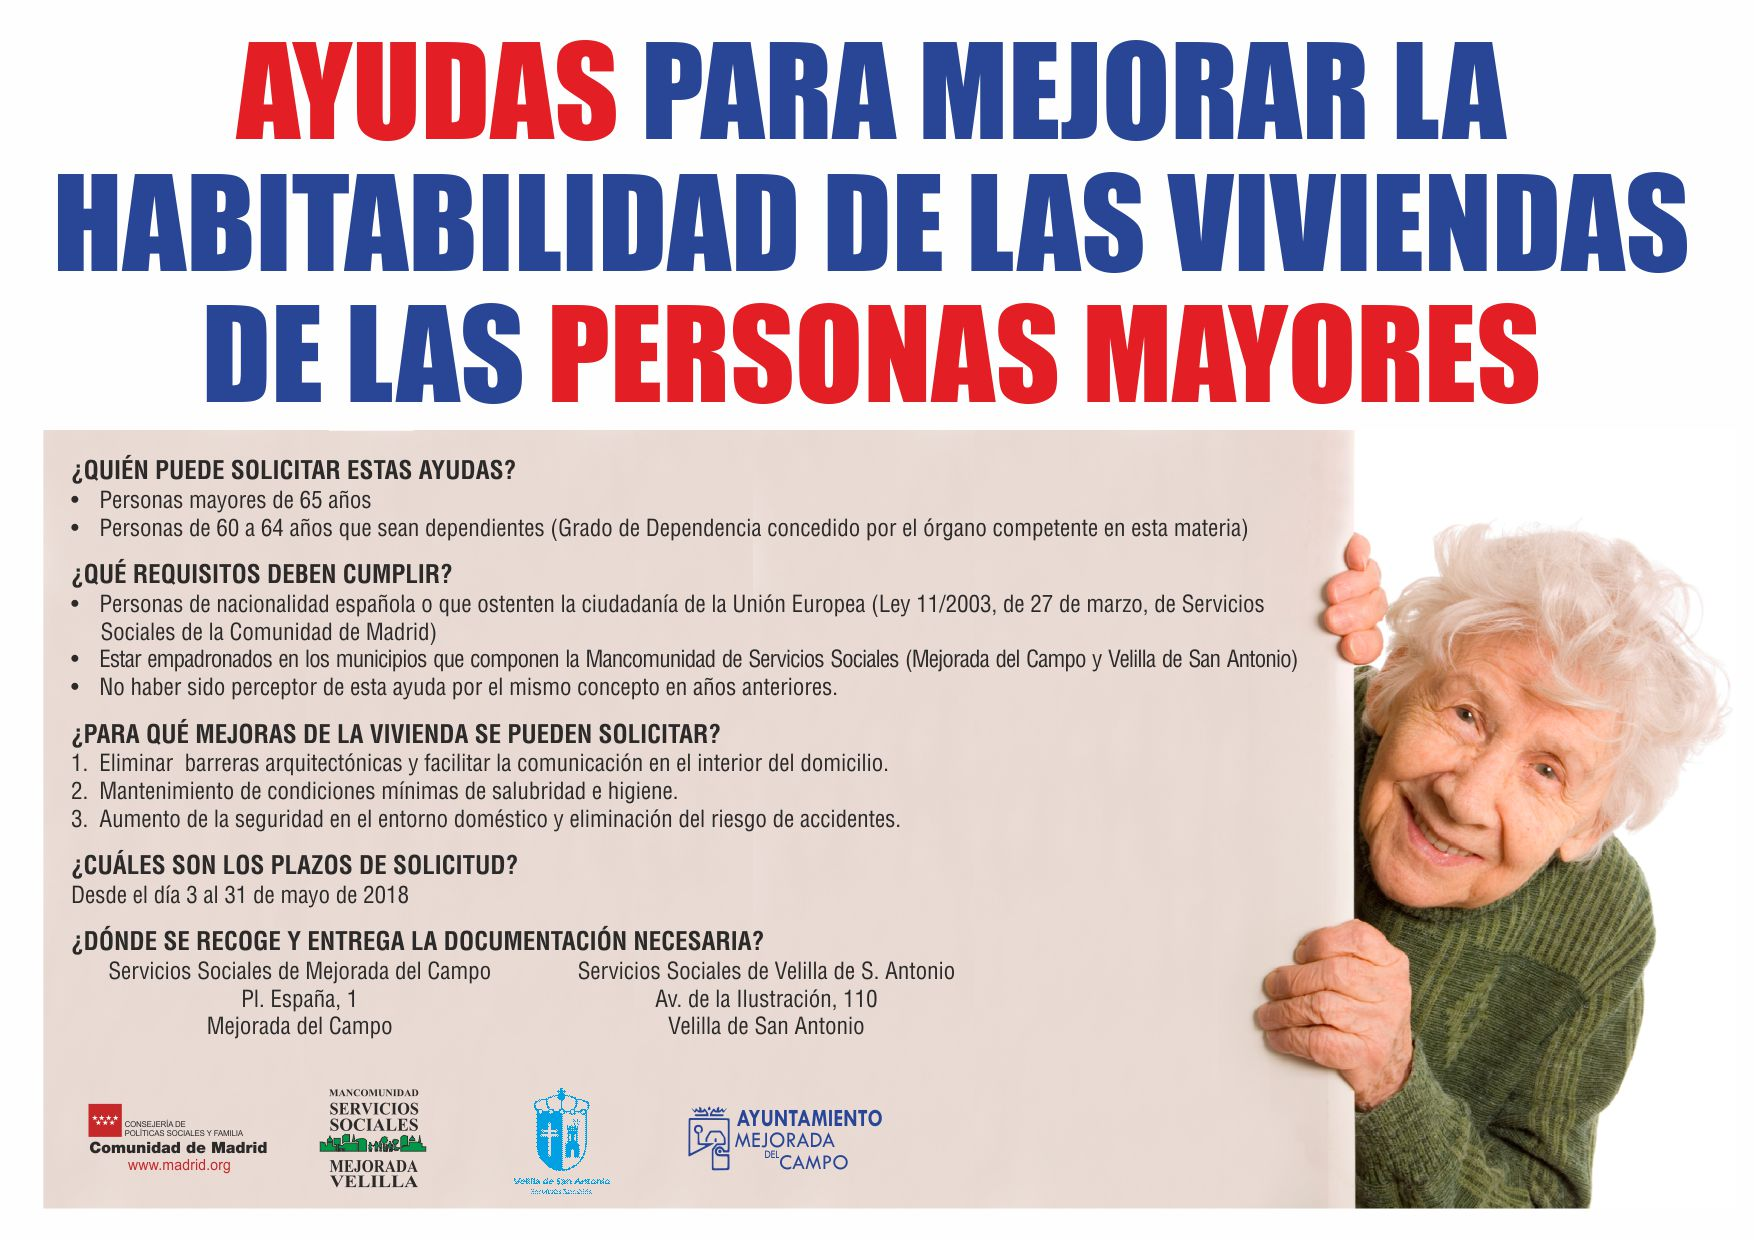 Ayudas para mejorar la habitabilidad de las viviendas de las personas mayores